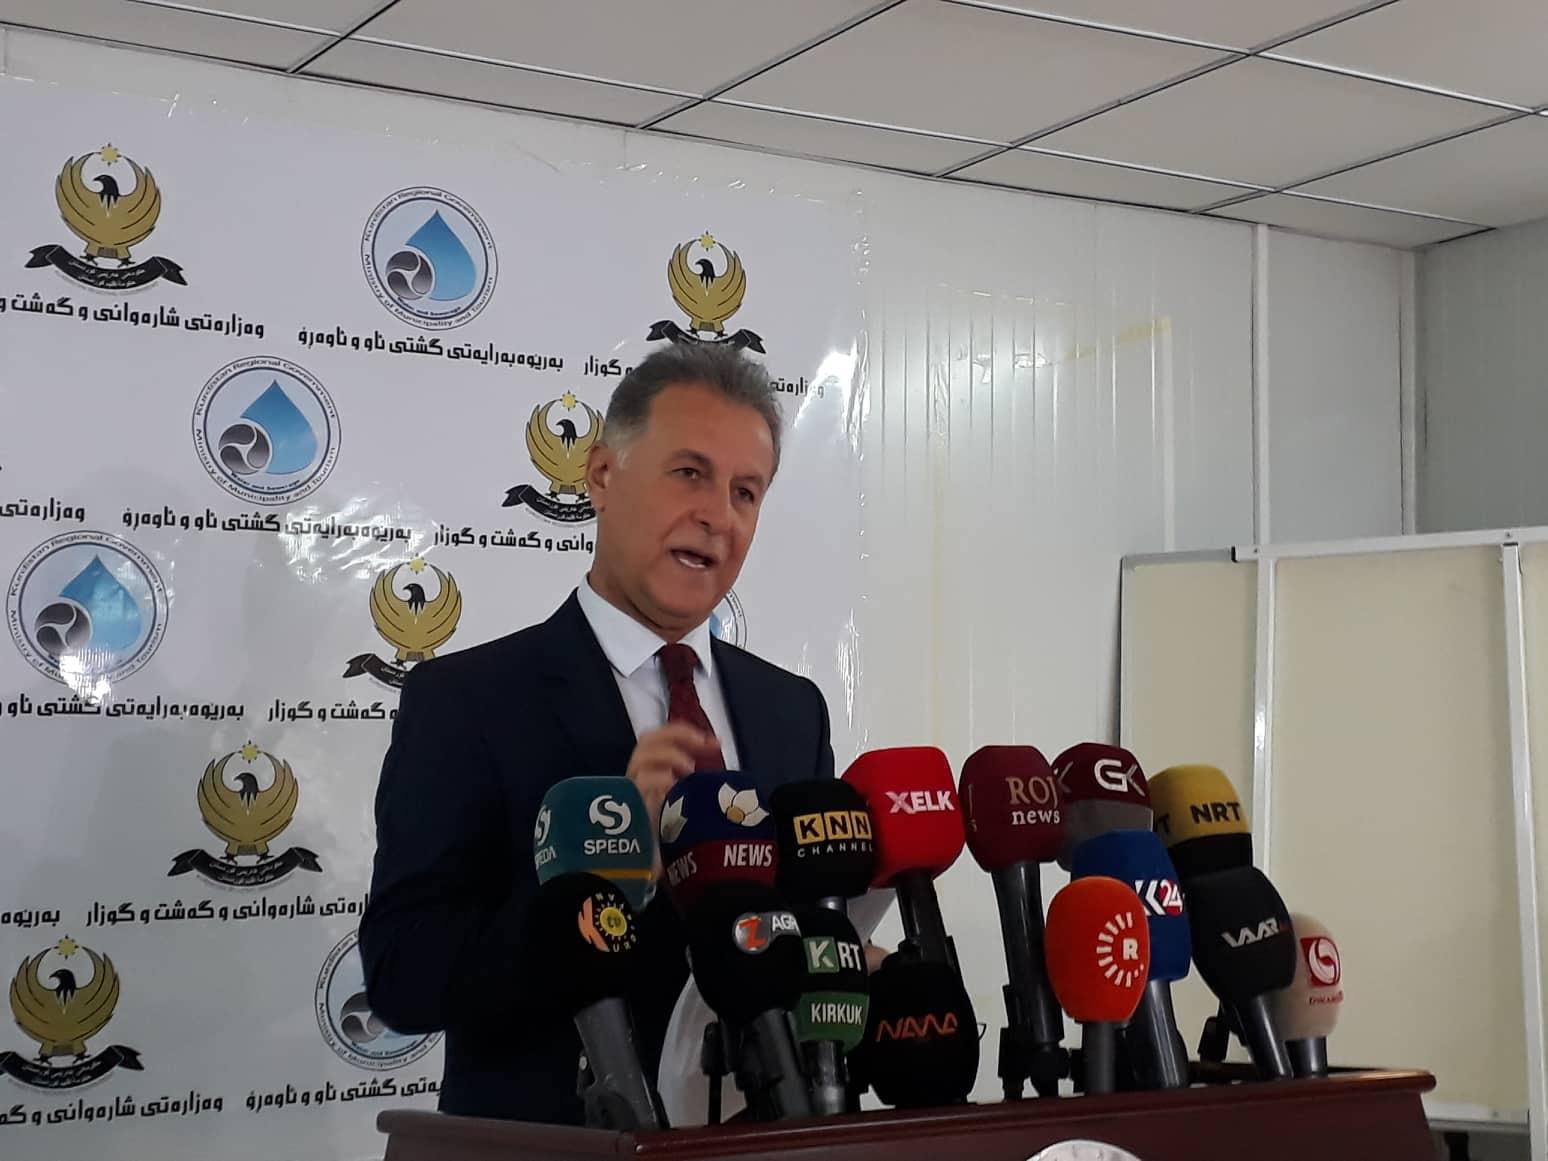 حكومة كوردستان تمنح مهلة لمتجاوزين وتحذّر من غرامة مالية قدرها 100 الف دينار